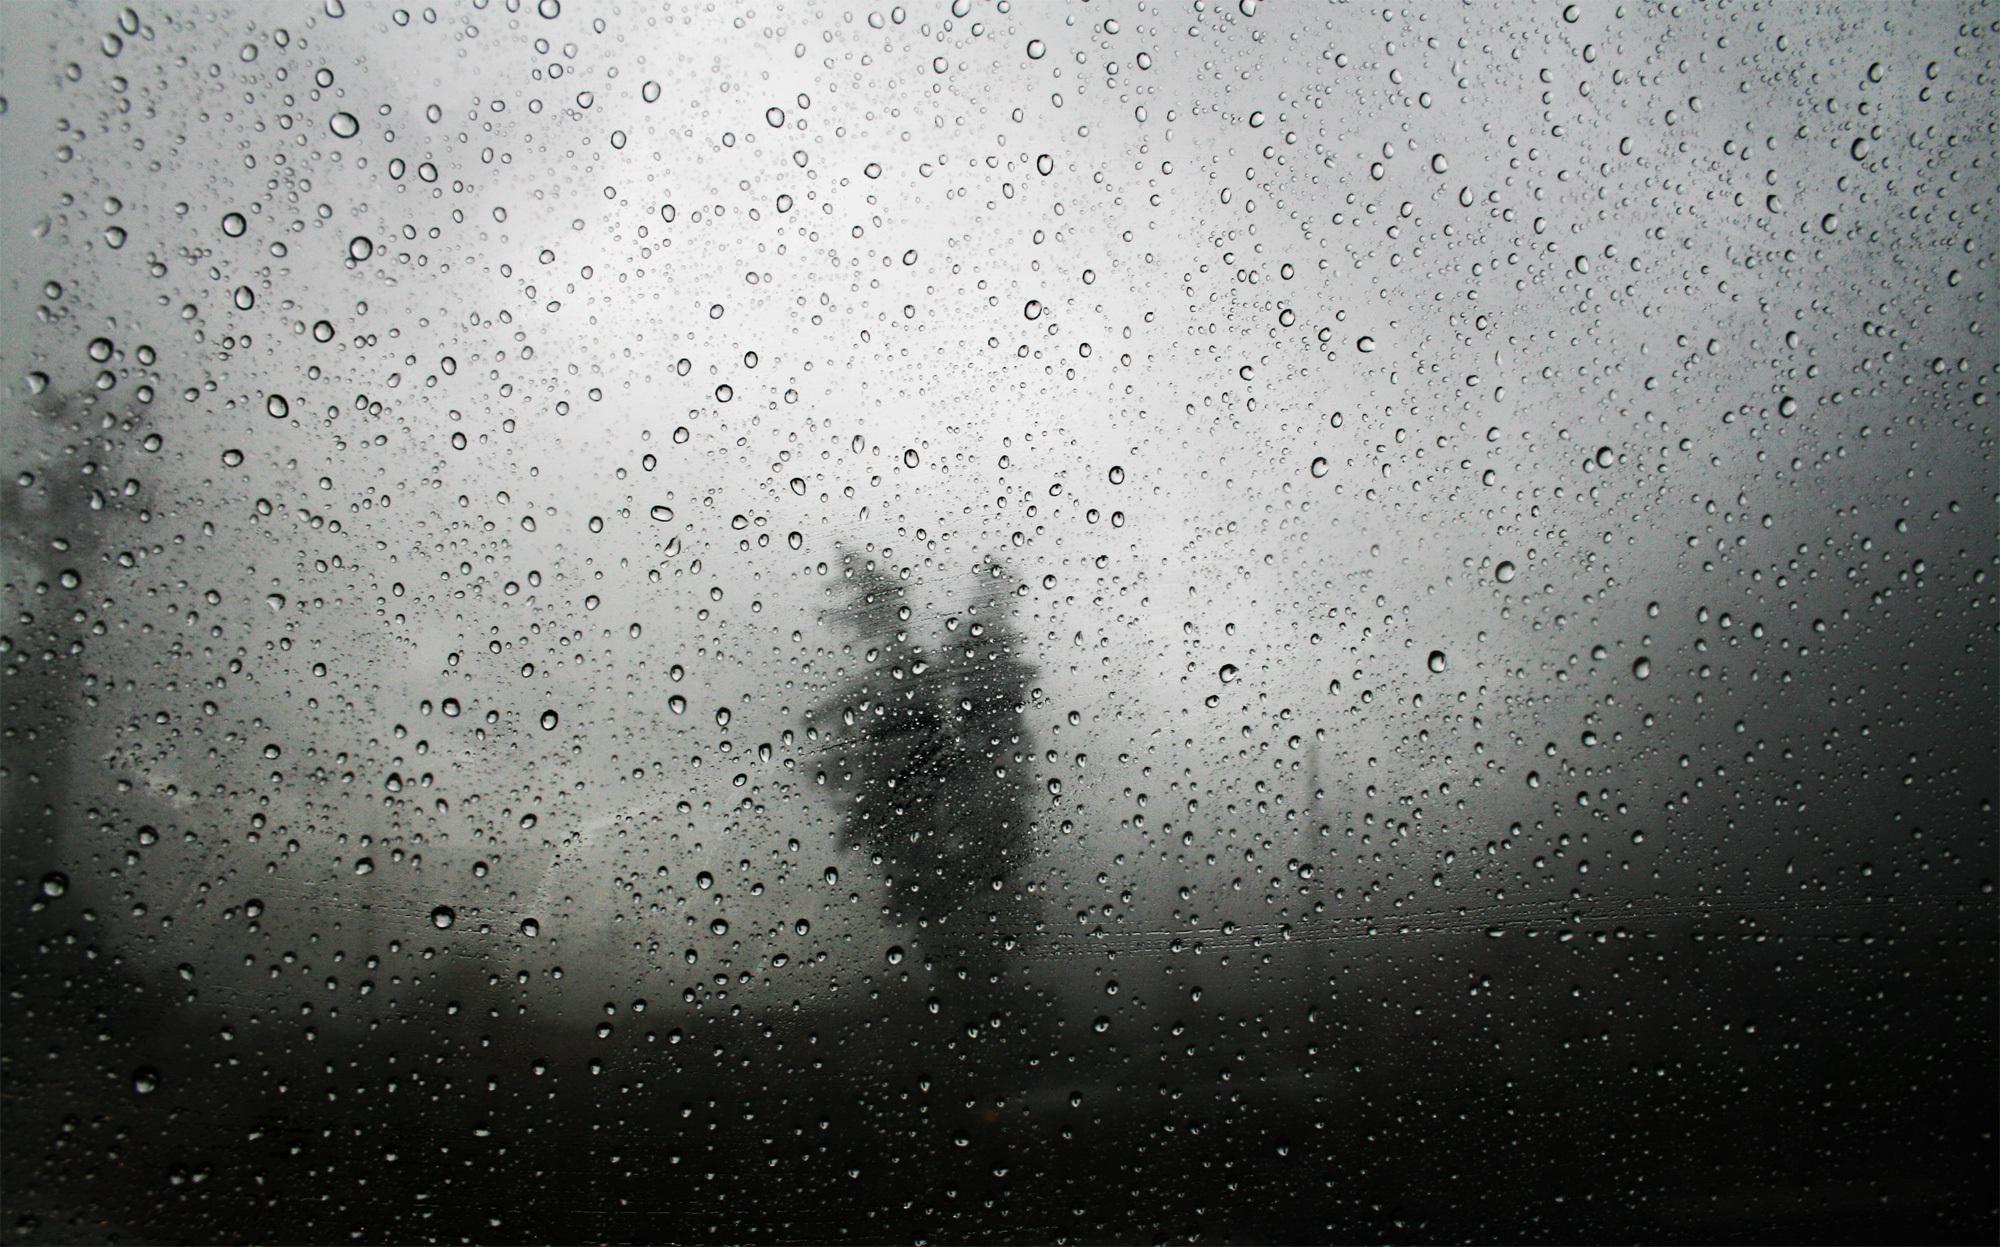 фото рабочего стола грусть дождь человек